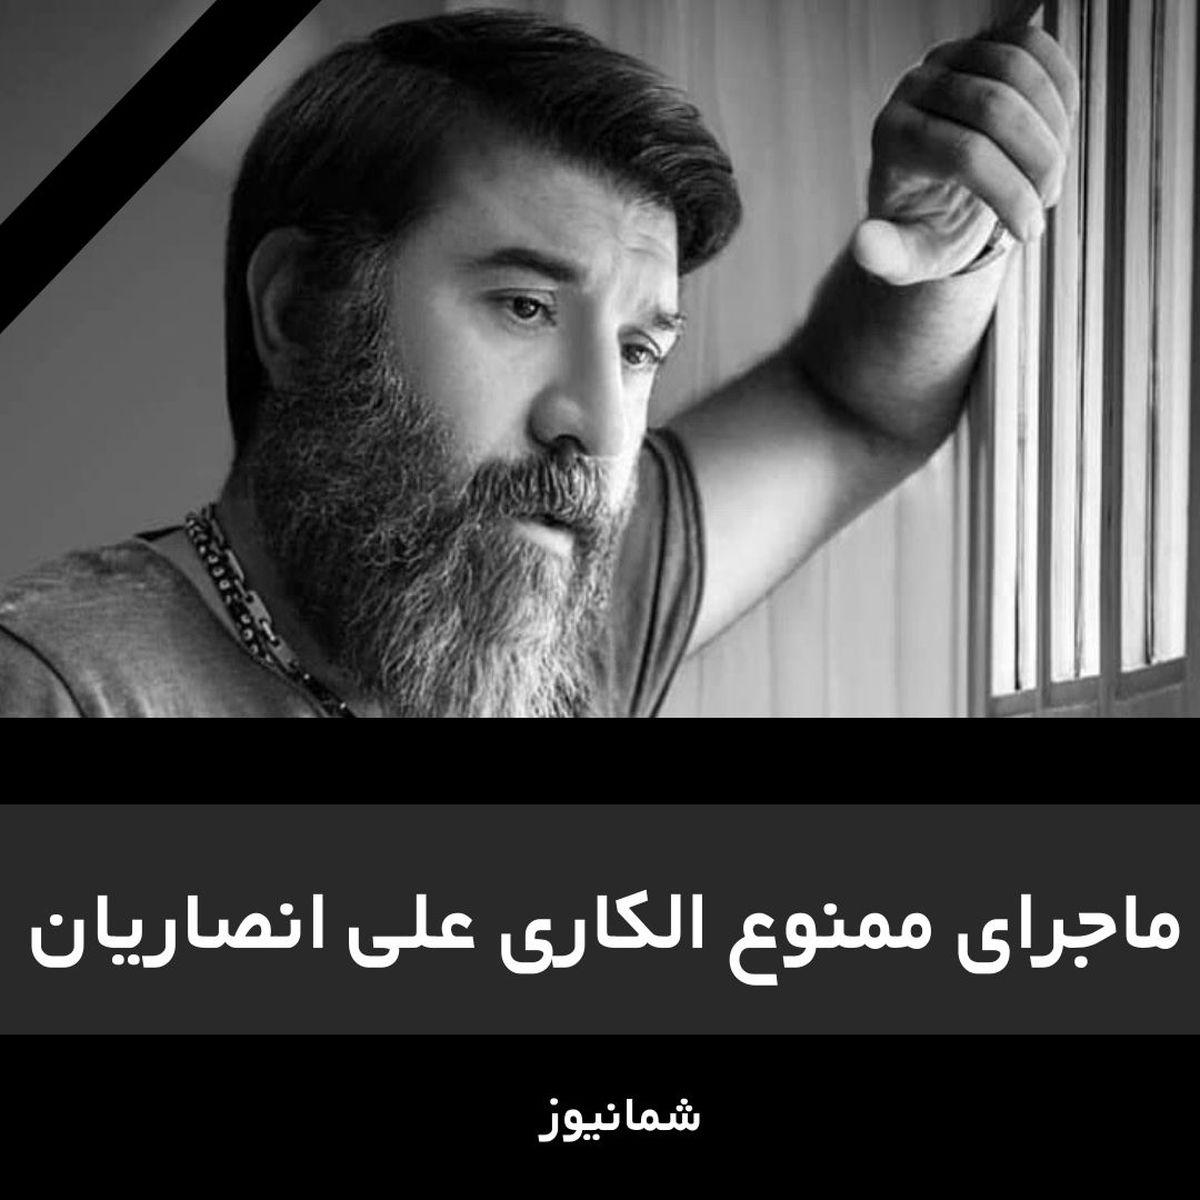 ماجرای ممنوع الکاری مرحوم علی انصاریان از زبان خودش + فیلم